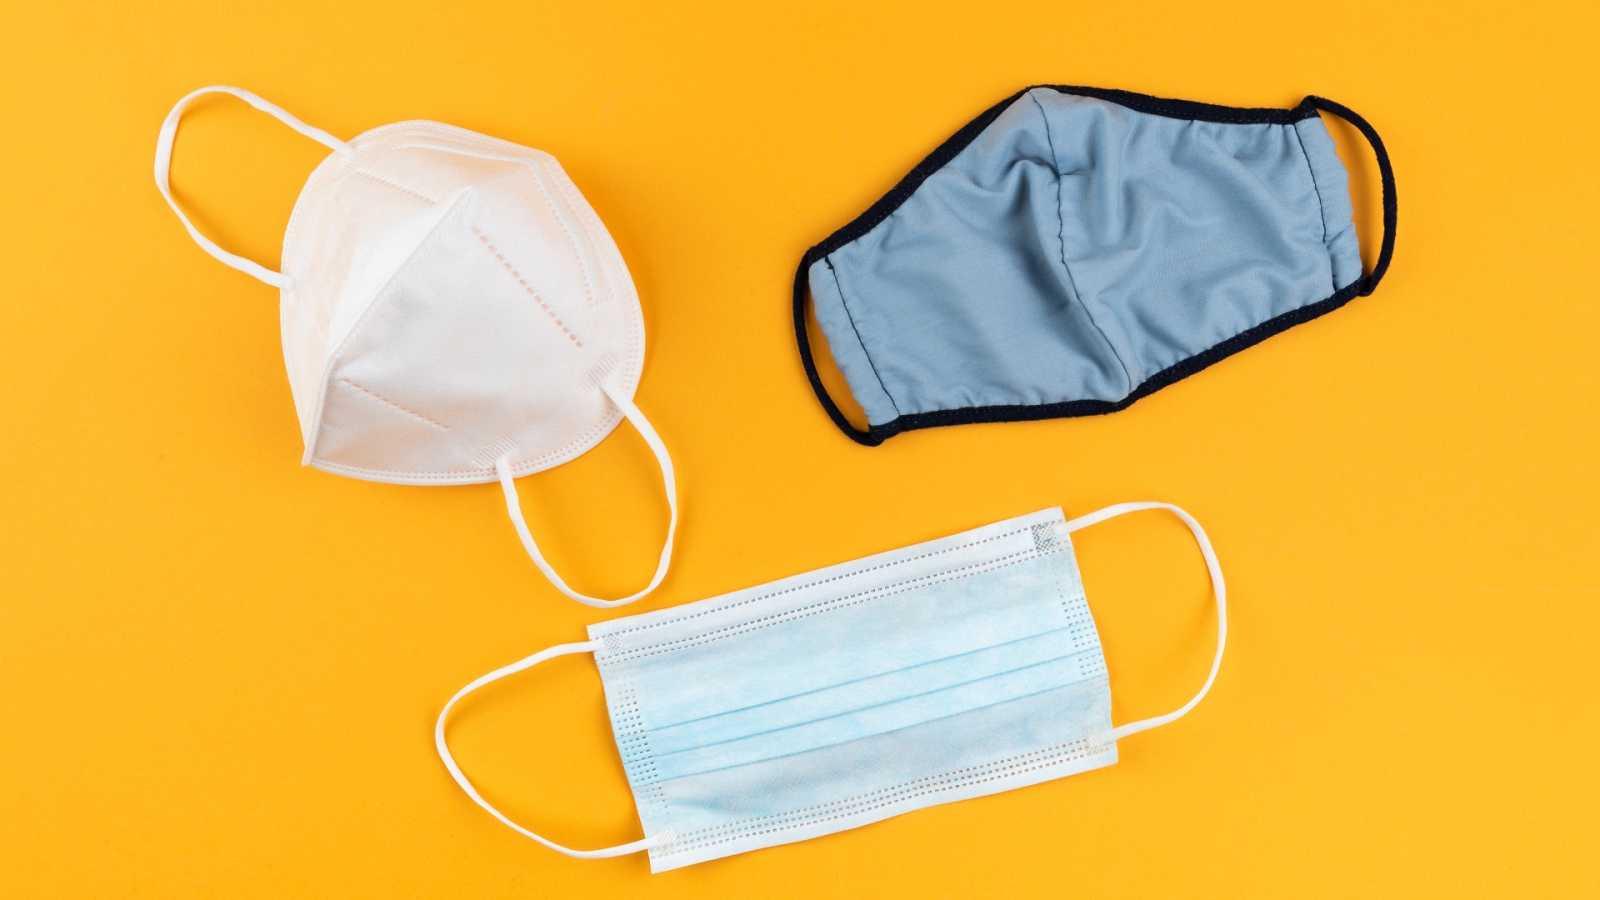 Mascarillas de grafeno: cuáles son y por qué pueden suponer un riesgo